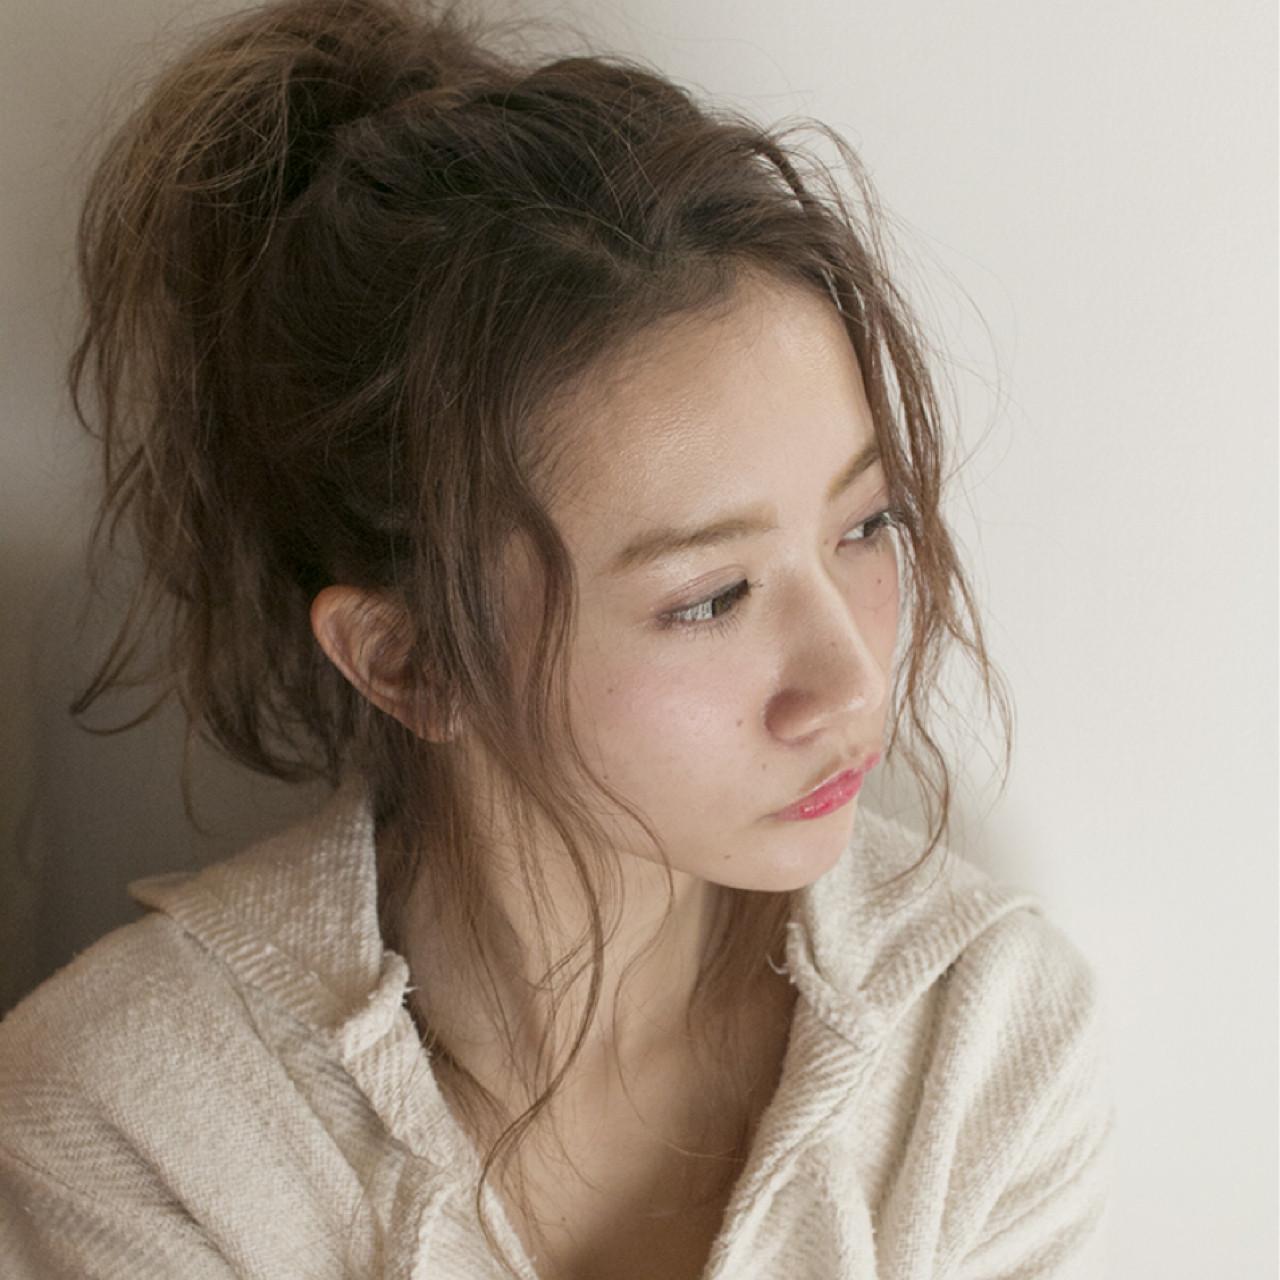 人気のポニーテールも前髪なしでゆるっとアンニュイ♡ 岩崎望